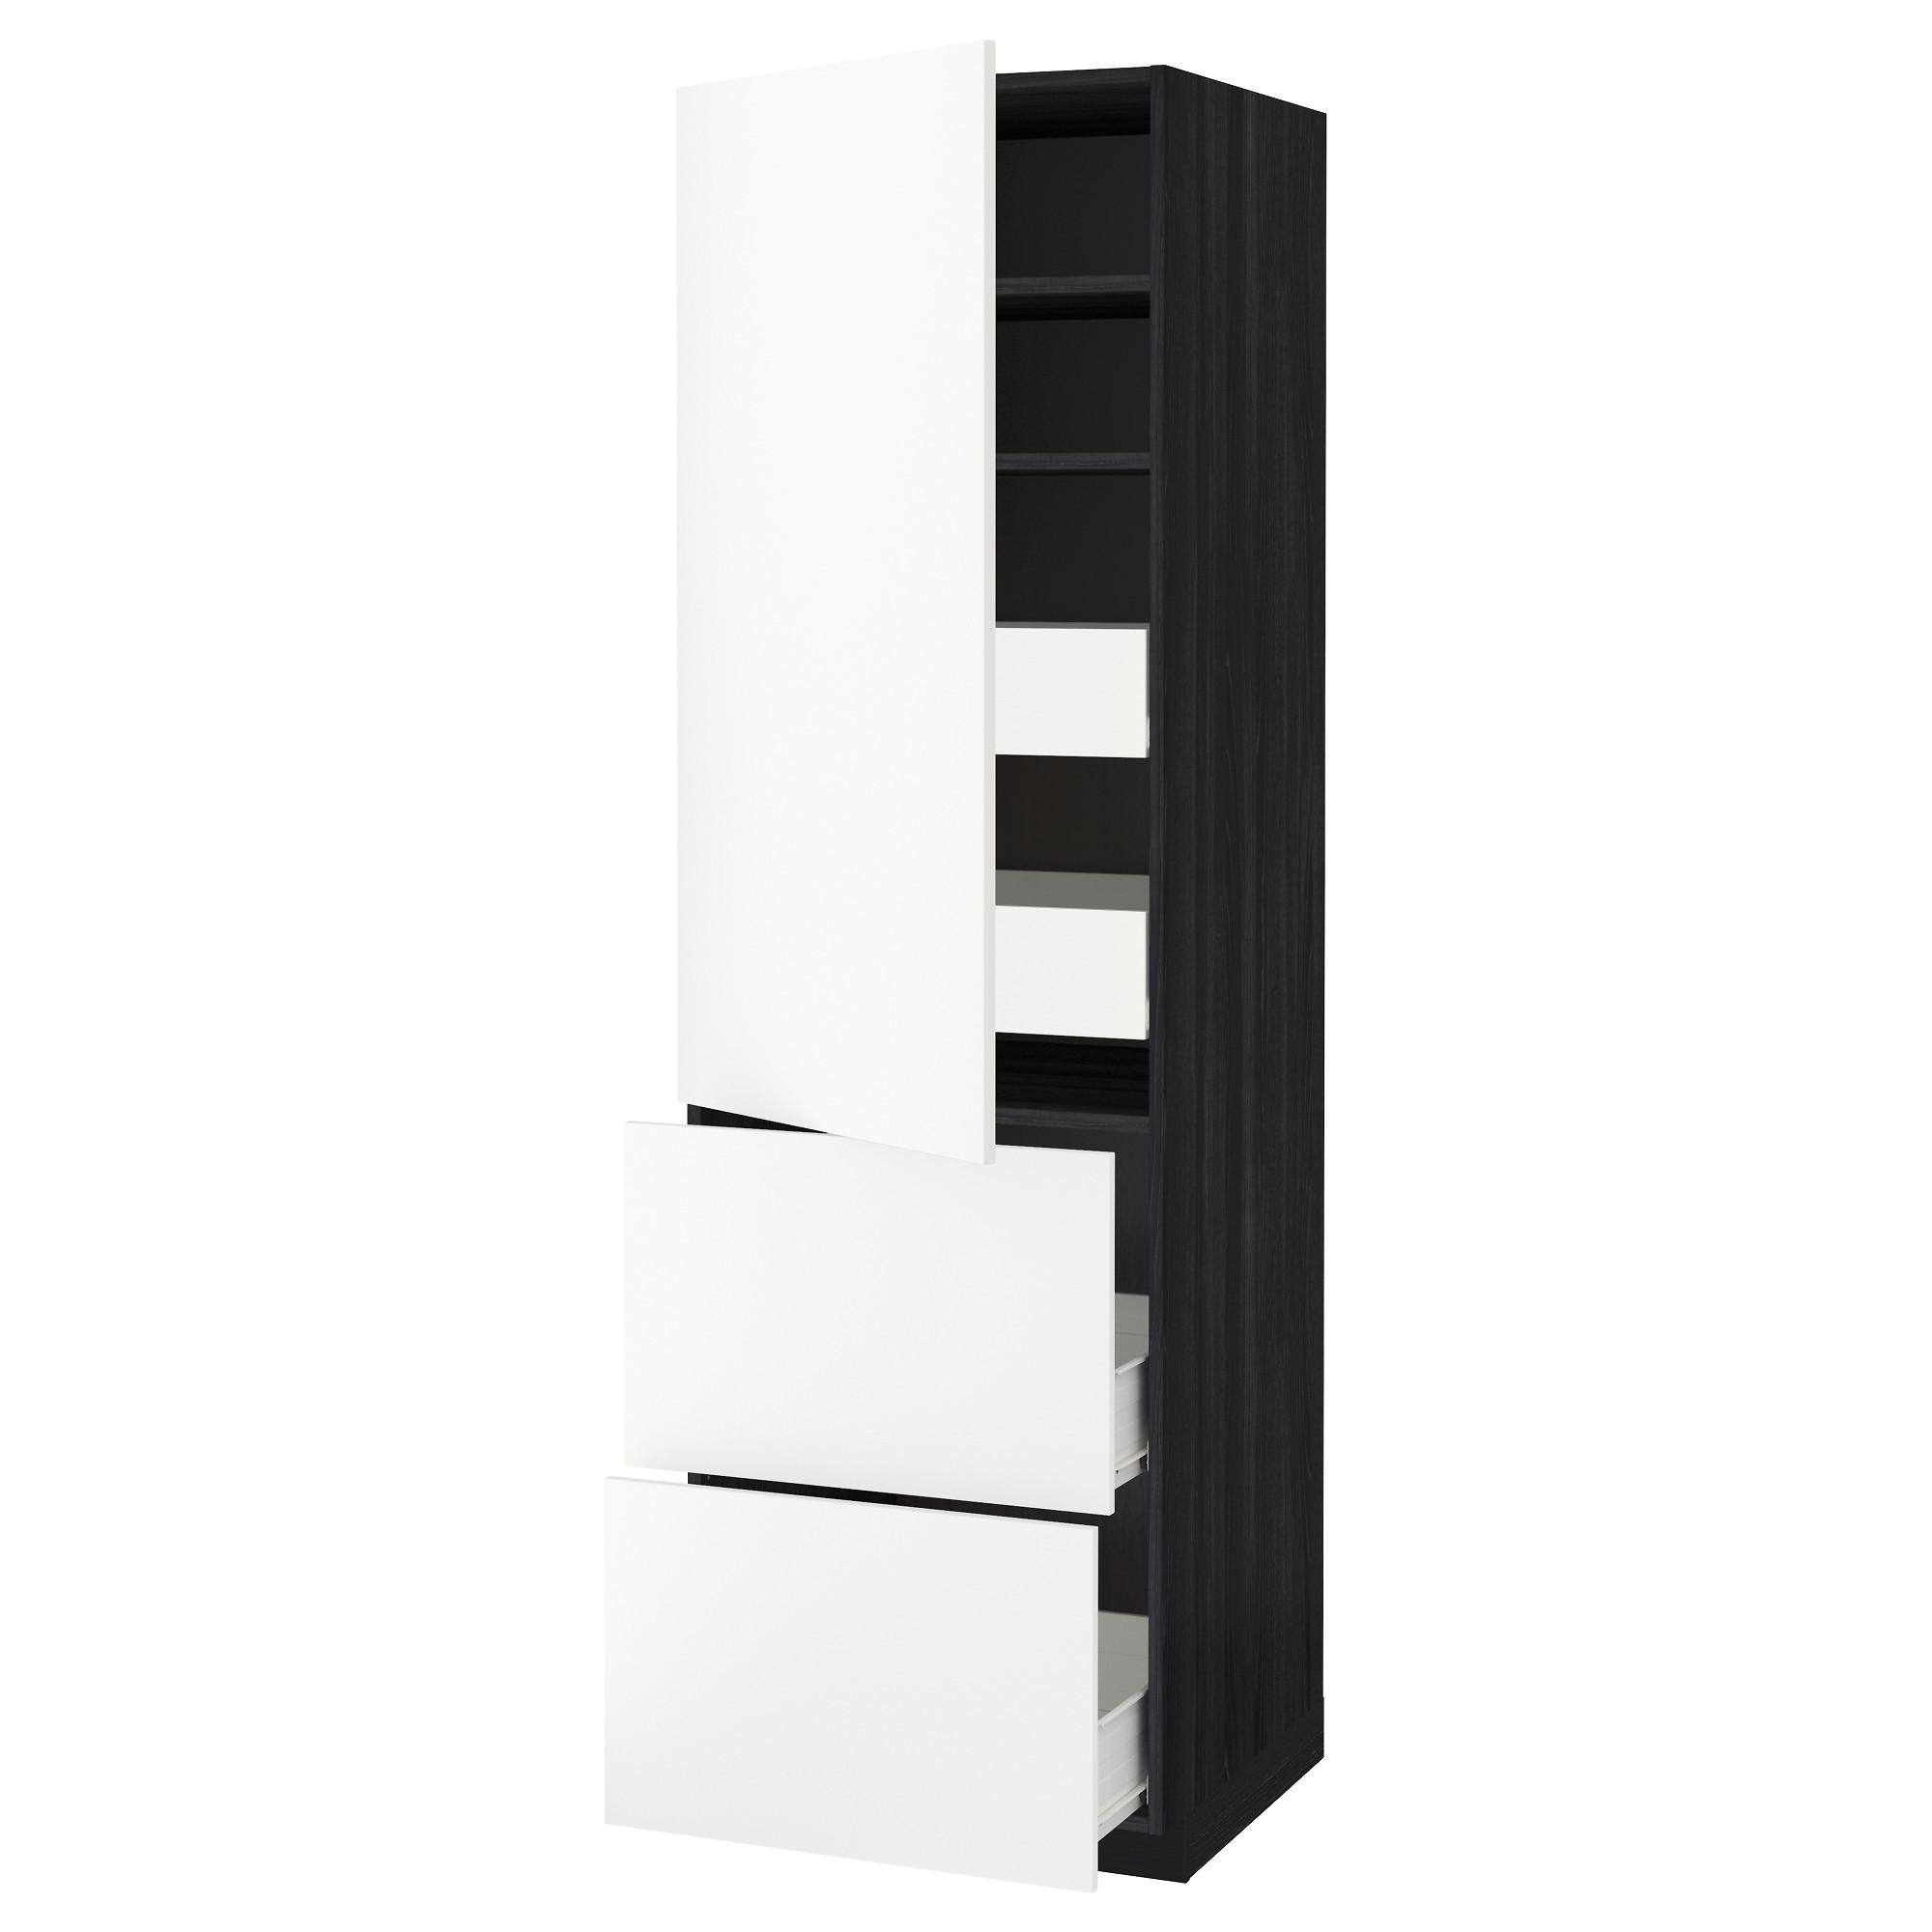 Высокий шкаф + полки, 4 ящика, 2 дверцы МЕТОД / ФОРВАРА черный артикуль № 092.621.01 в наличии. Онлайн сайт ИКЕА РБ. Недорогая доставка и монтаж.